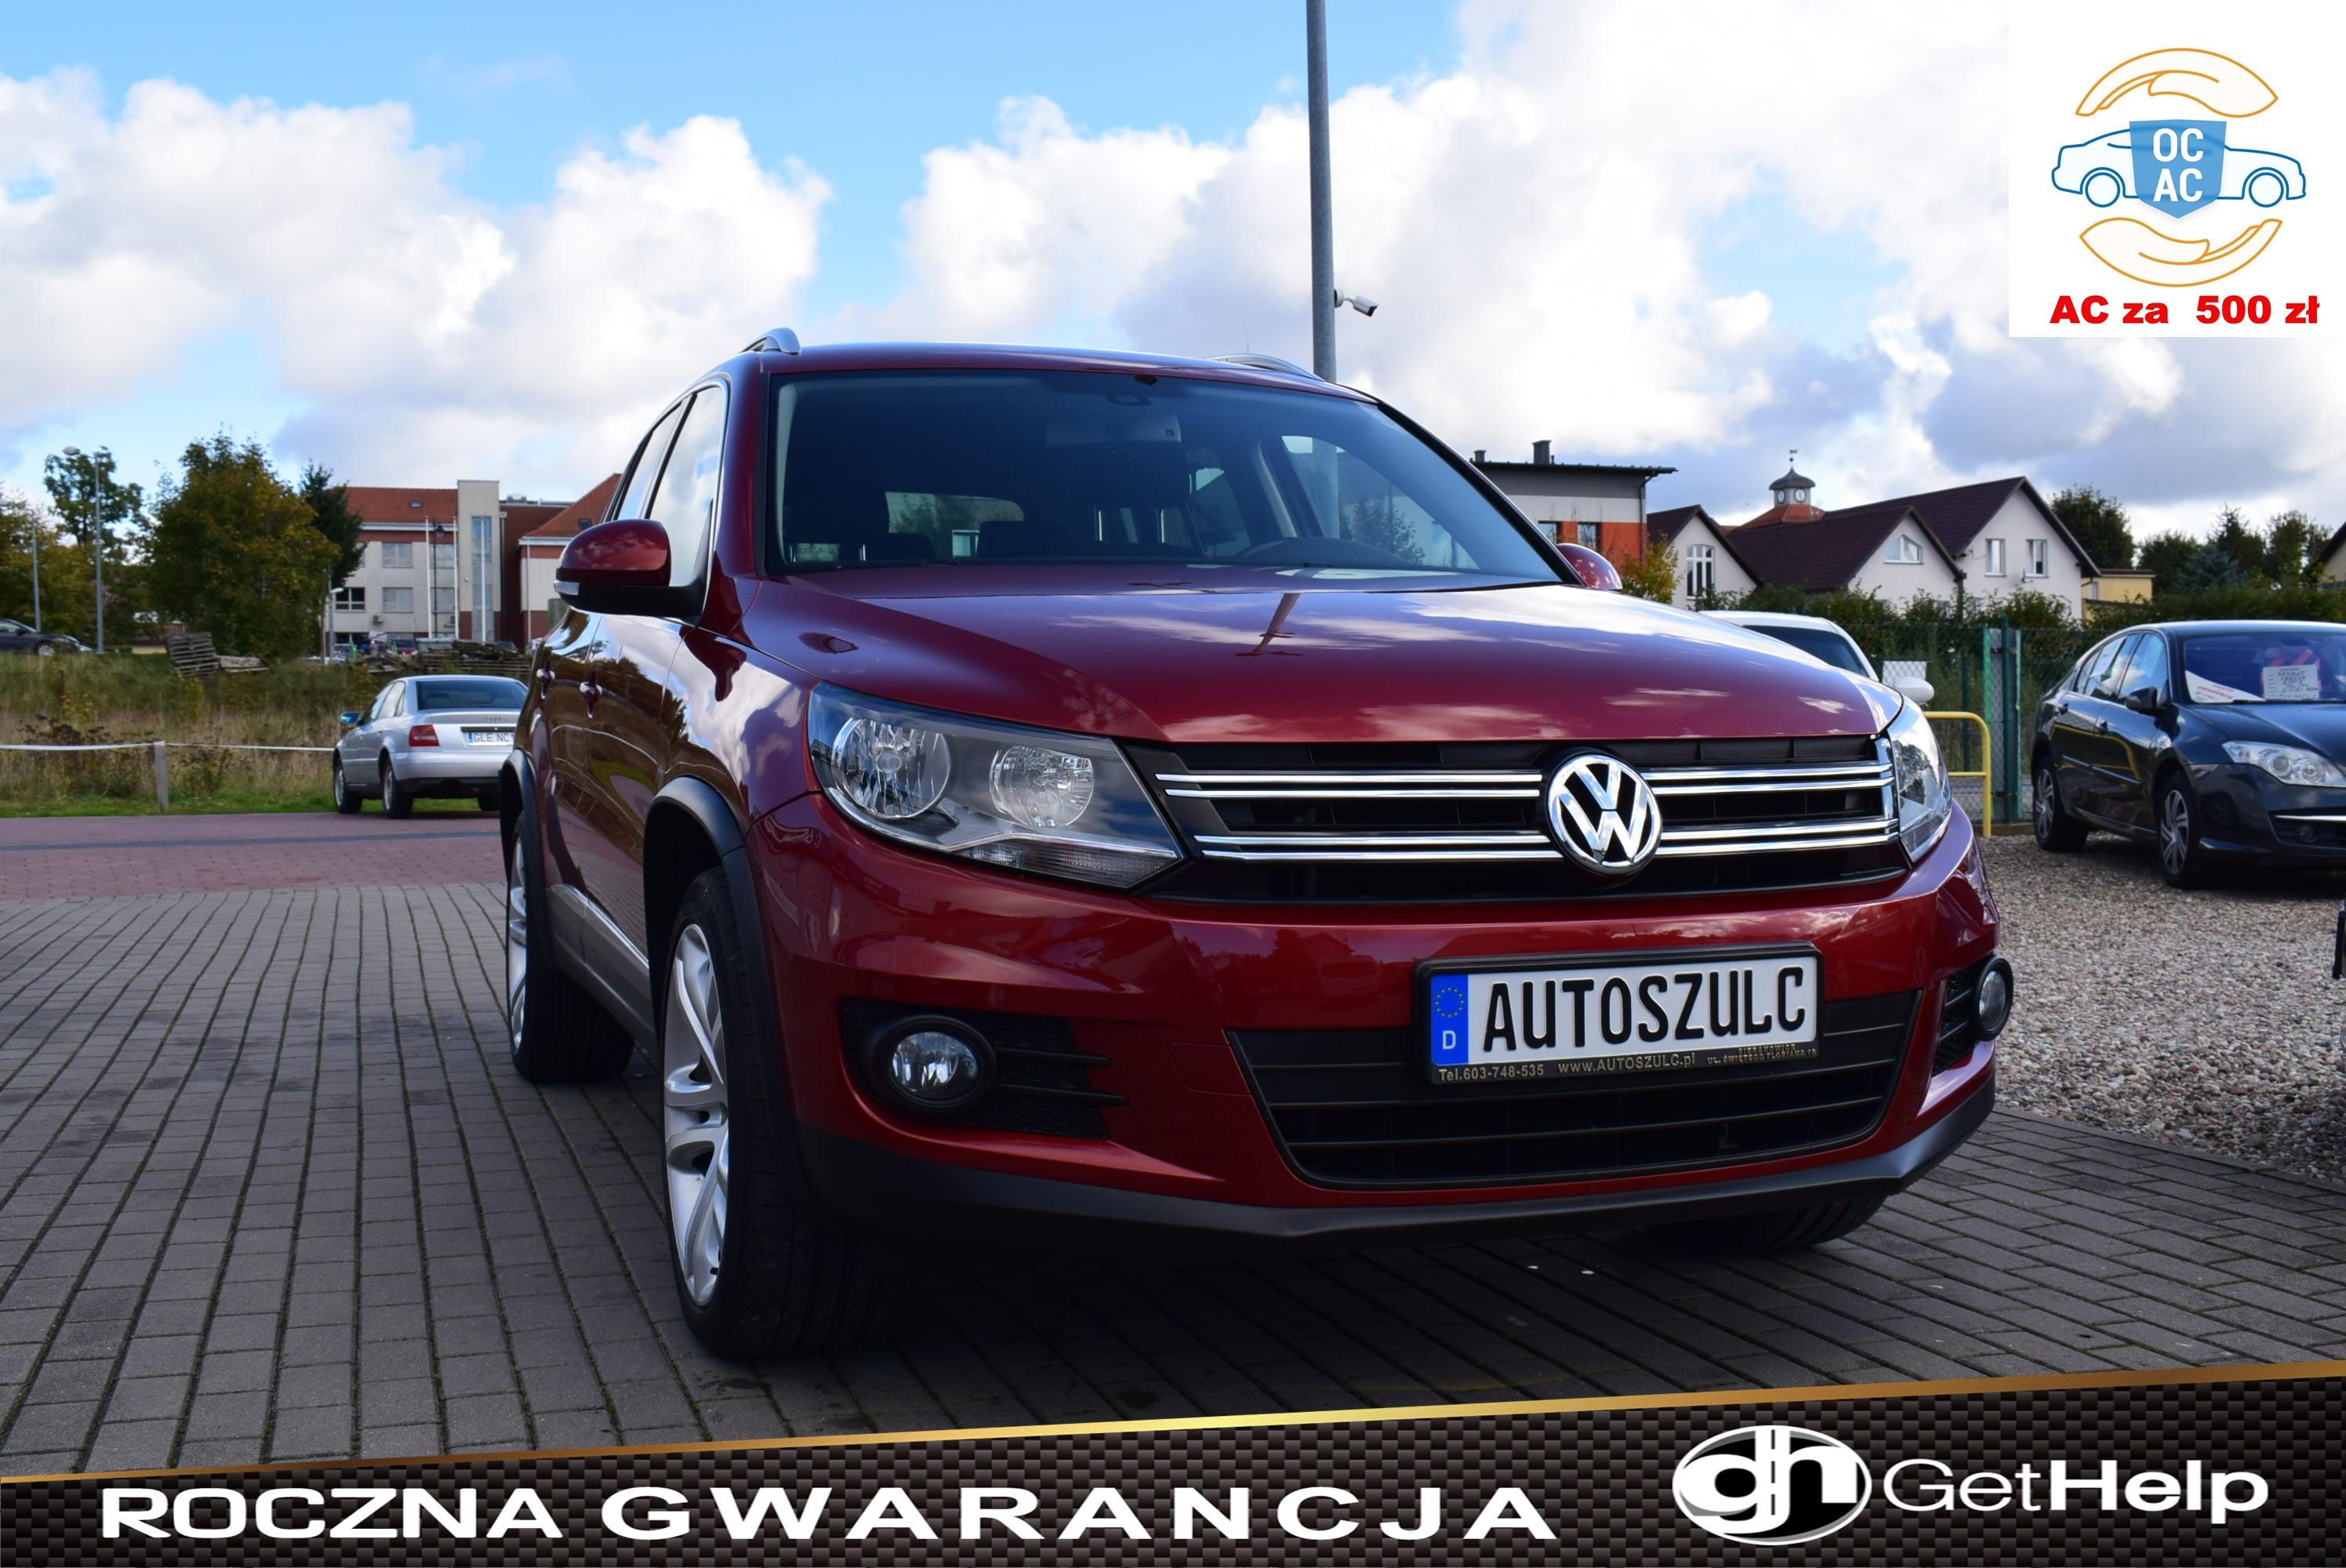 VW Tiguan 2.0 TDI common rail, Pakiet Chrom, Niepsotykany kolor wiśniowy-metalik, Rok Gwarancji